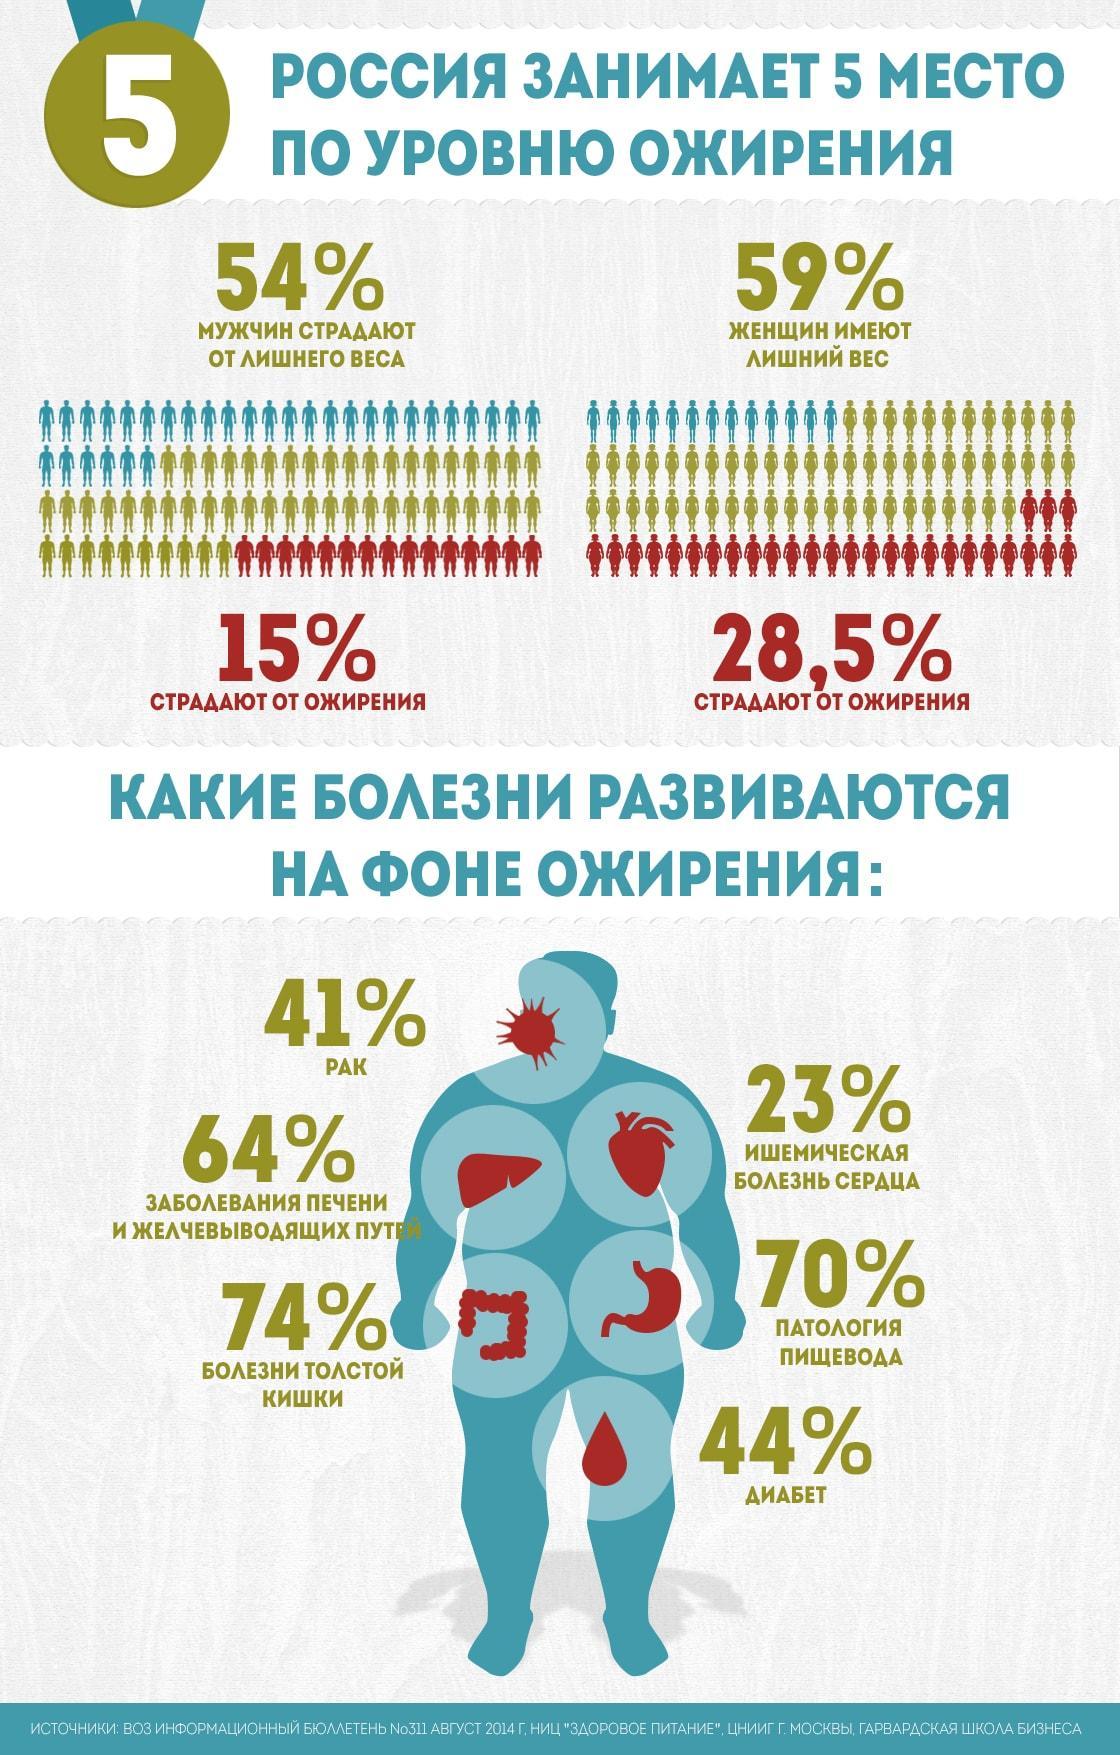 Инфографика ожирения